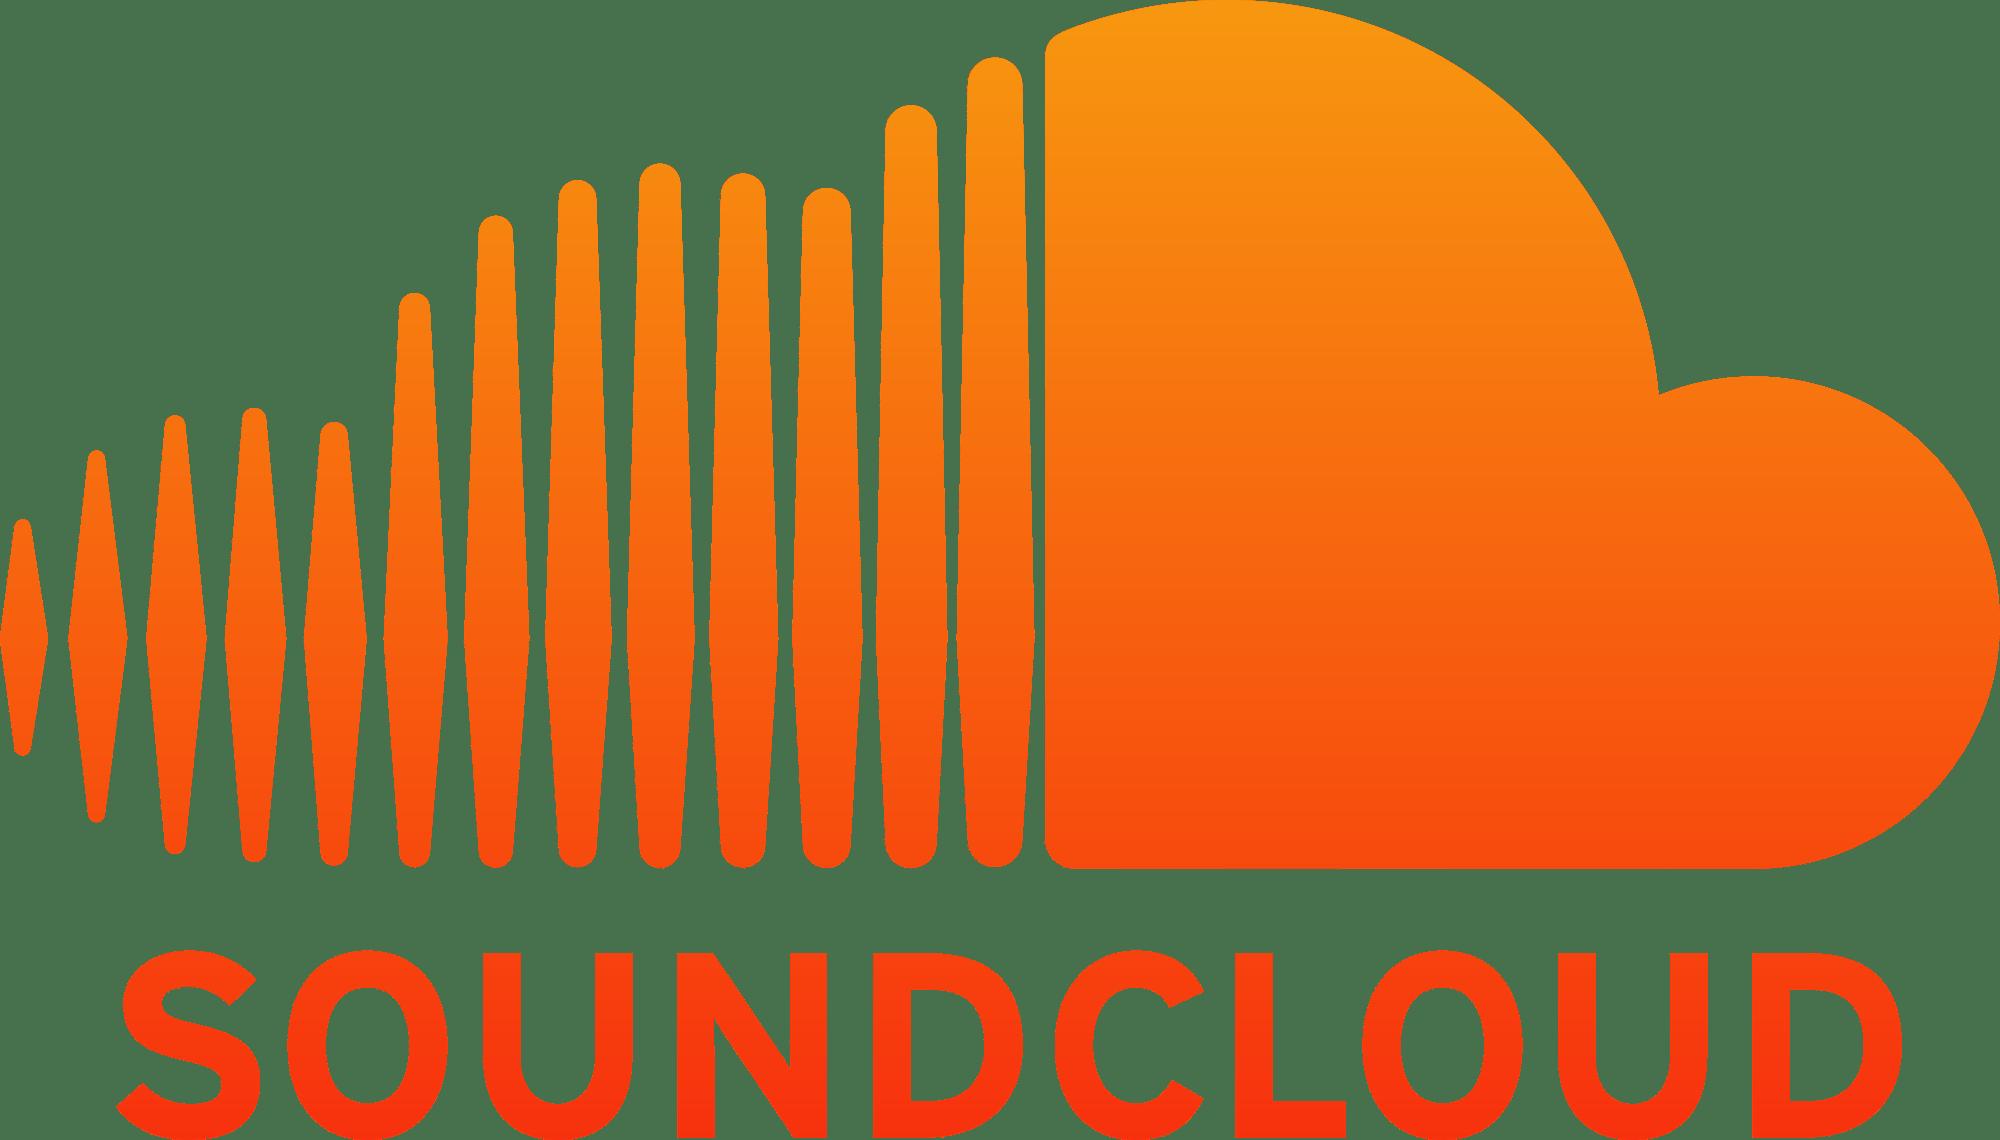 SoundCloud s'allie à Warner Music Group en vue de son service de streaming musical